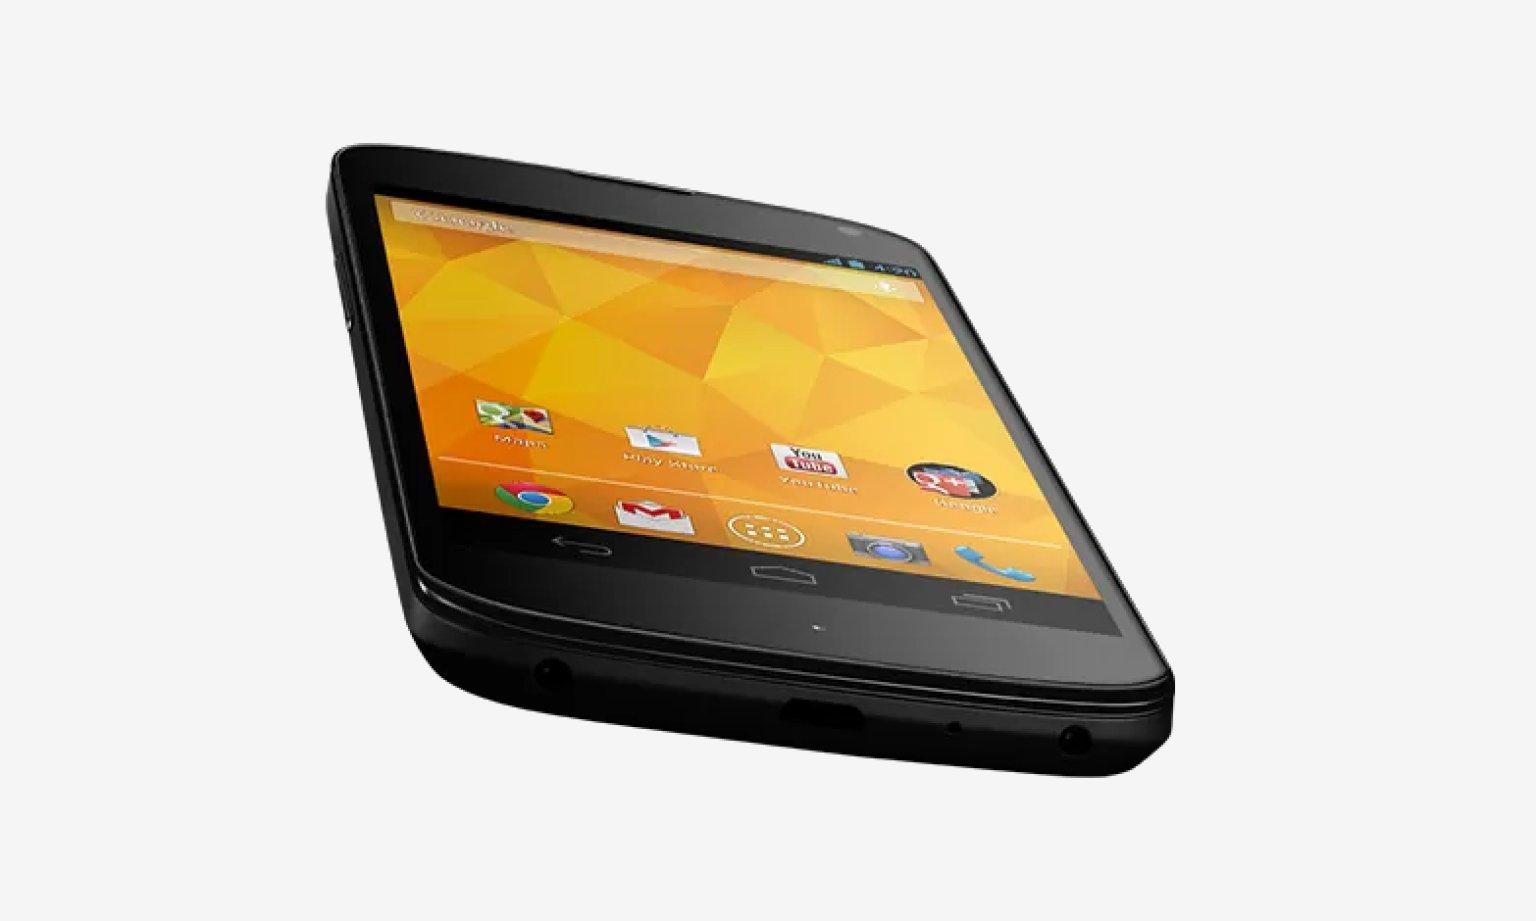 Google Nexus 4 Smartphone Cut To £159 In UK (PICTURES ...